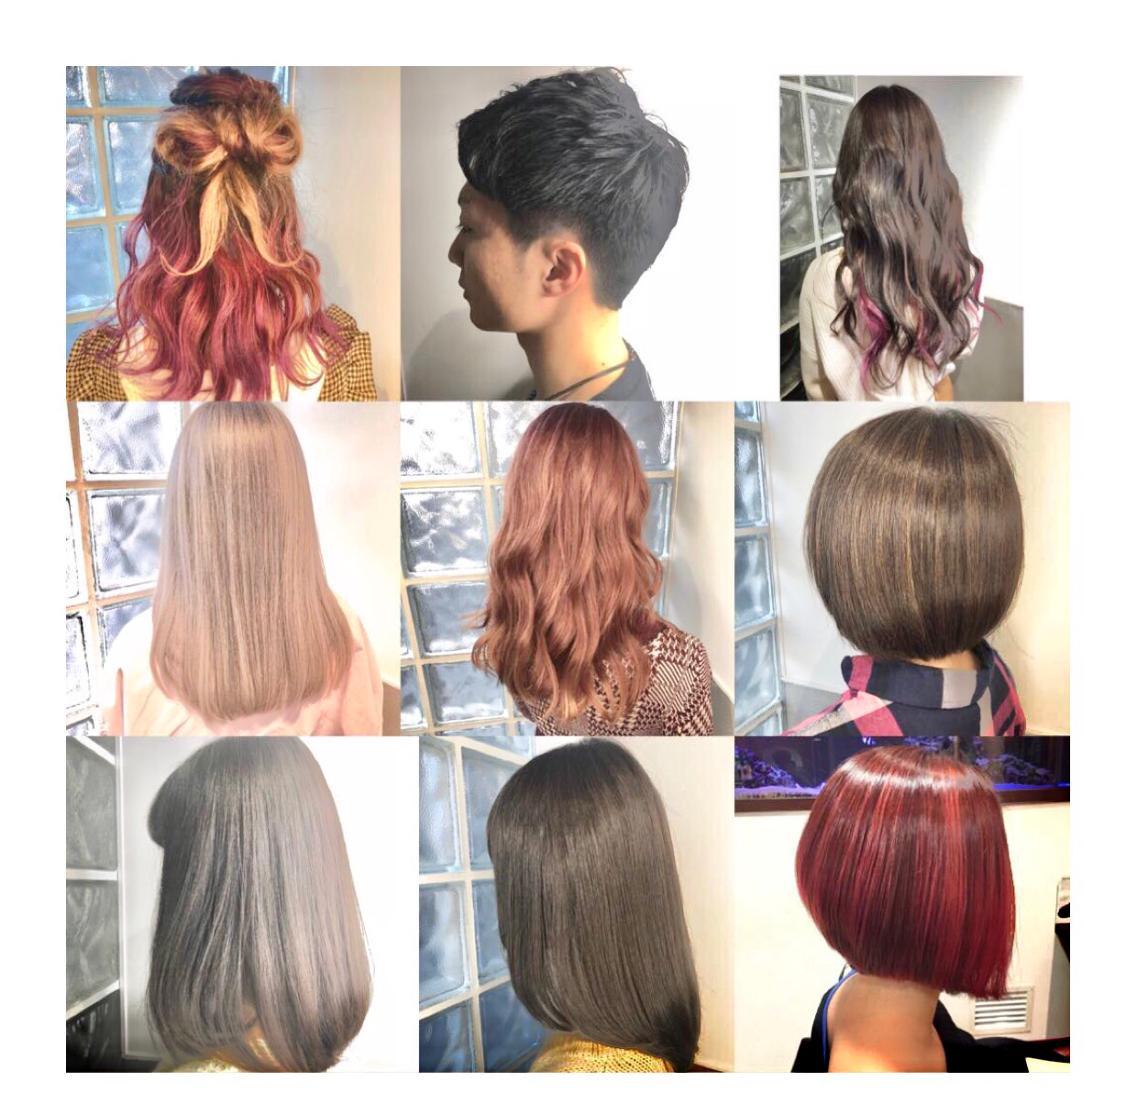 ⭐三鷹駅徒歩1分予約まだ空いてます⭐ナチュラル縮毛にホリスティックカラーにオーガニックカラーにaujua!髪によいものが揃っています。イメージチェンジもお任せ下さい!